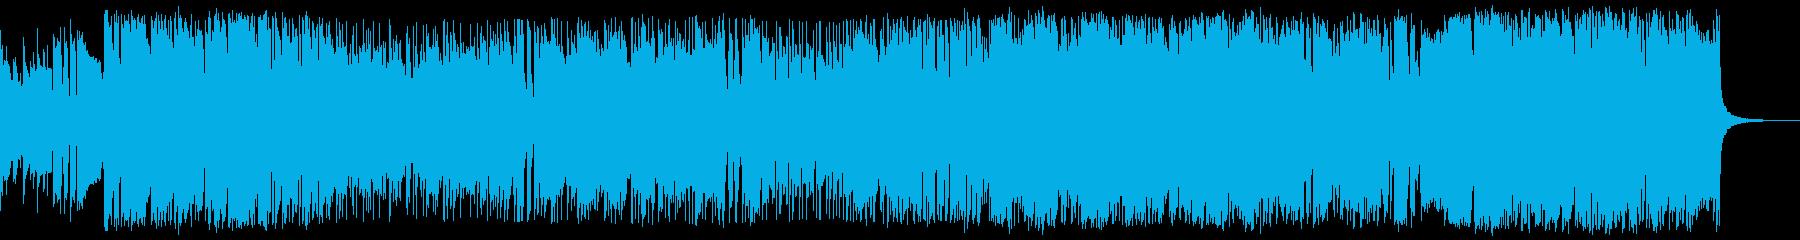 ブラスとストリングスの爽やかなBGMの再生済みの波形